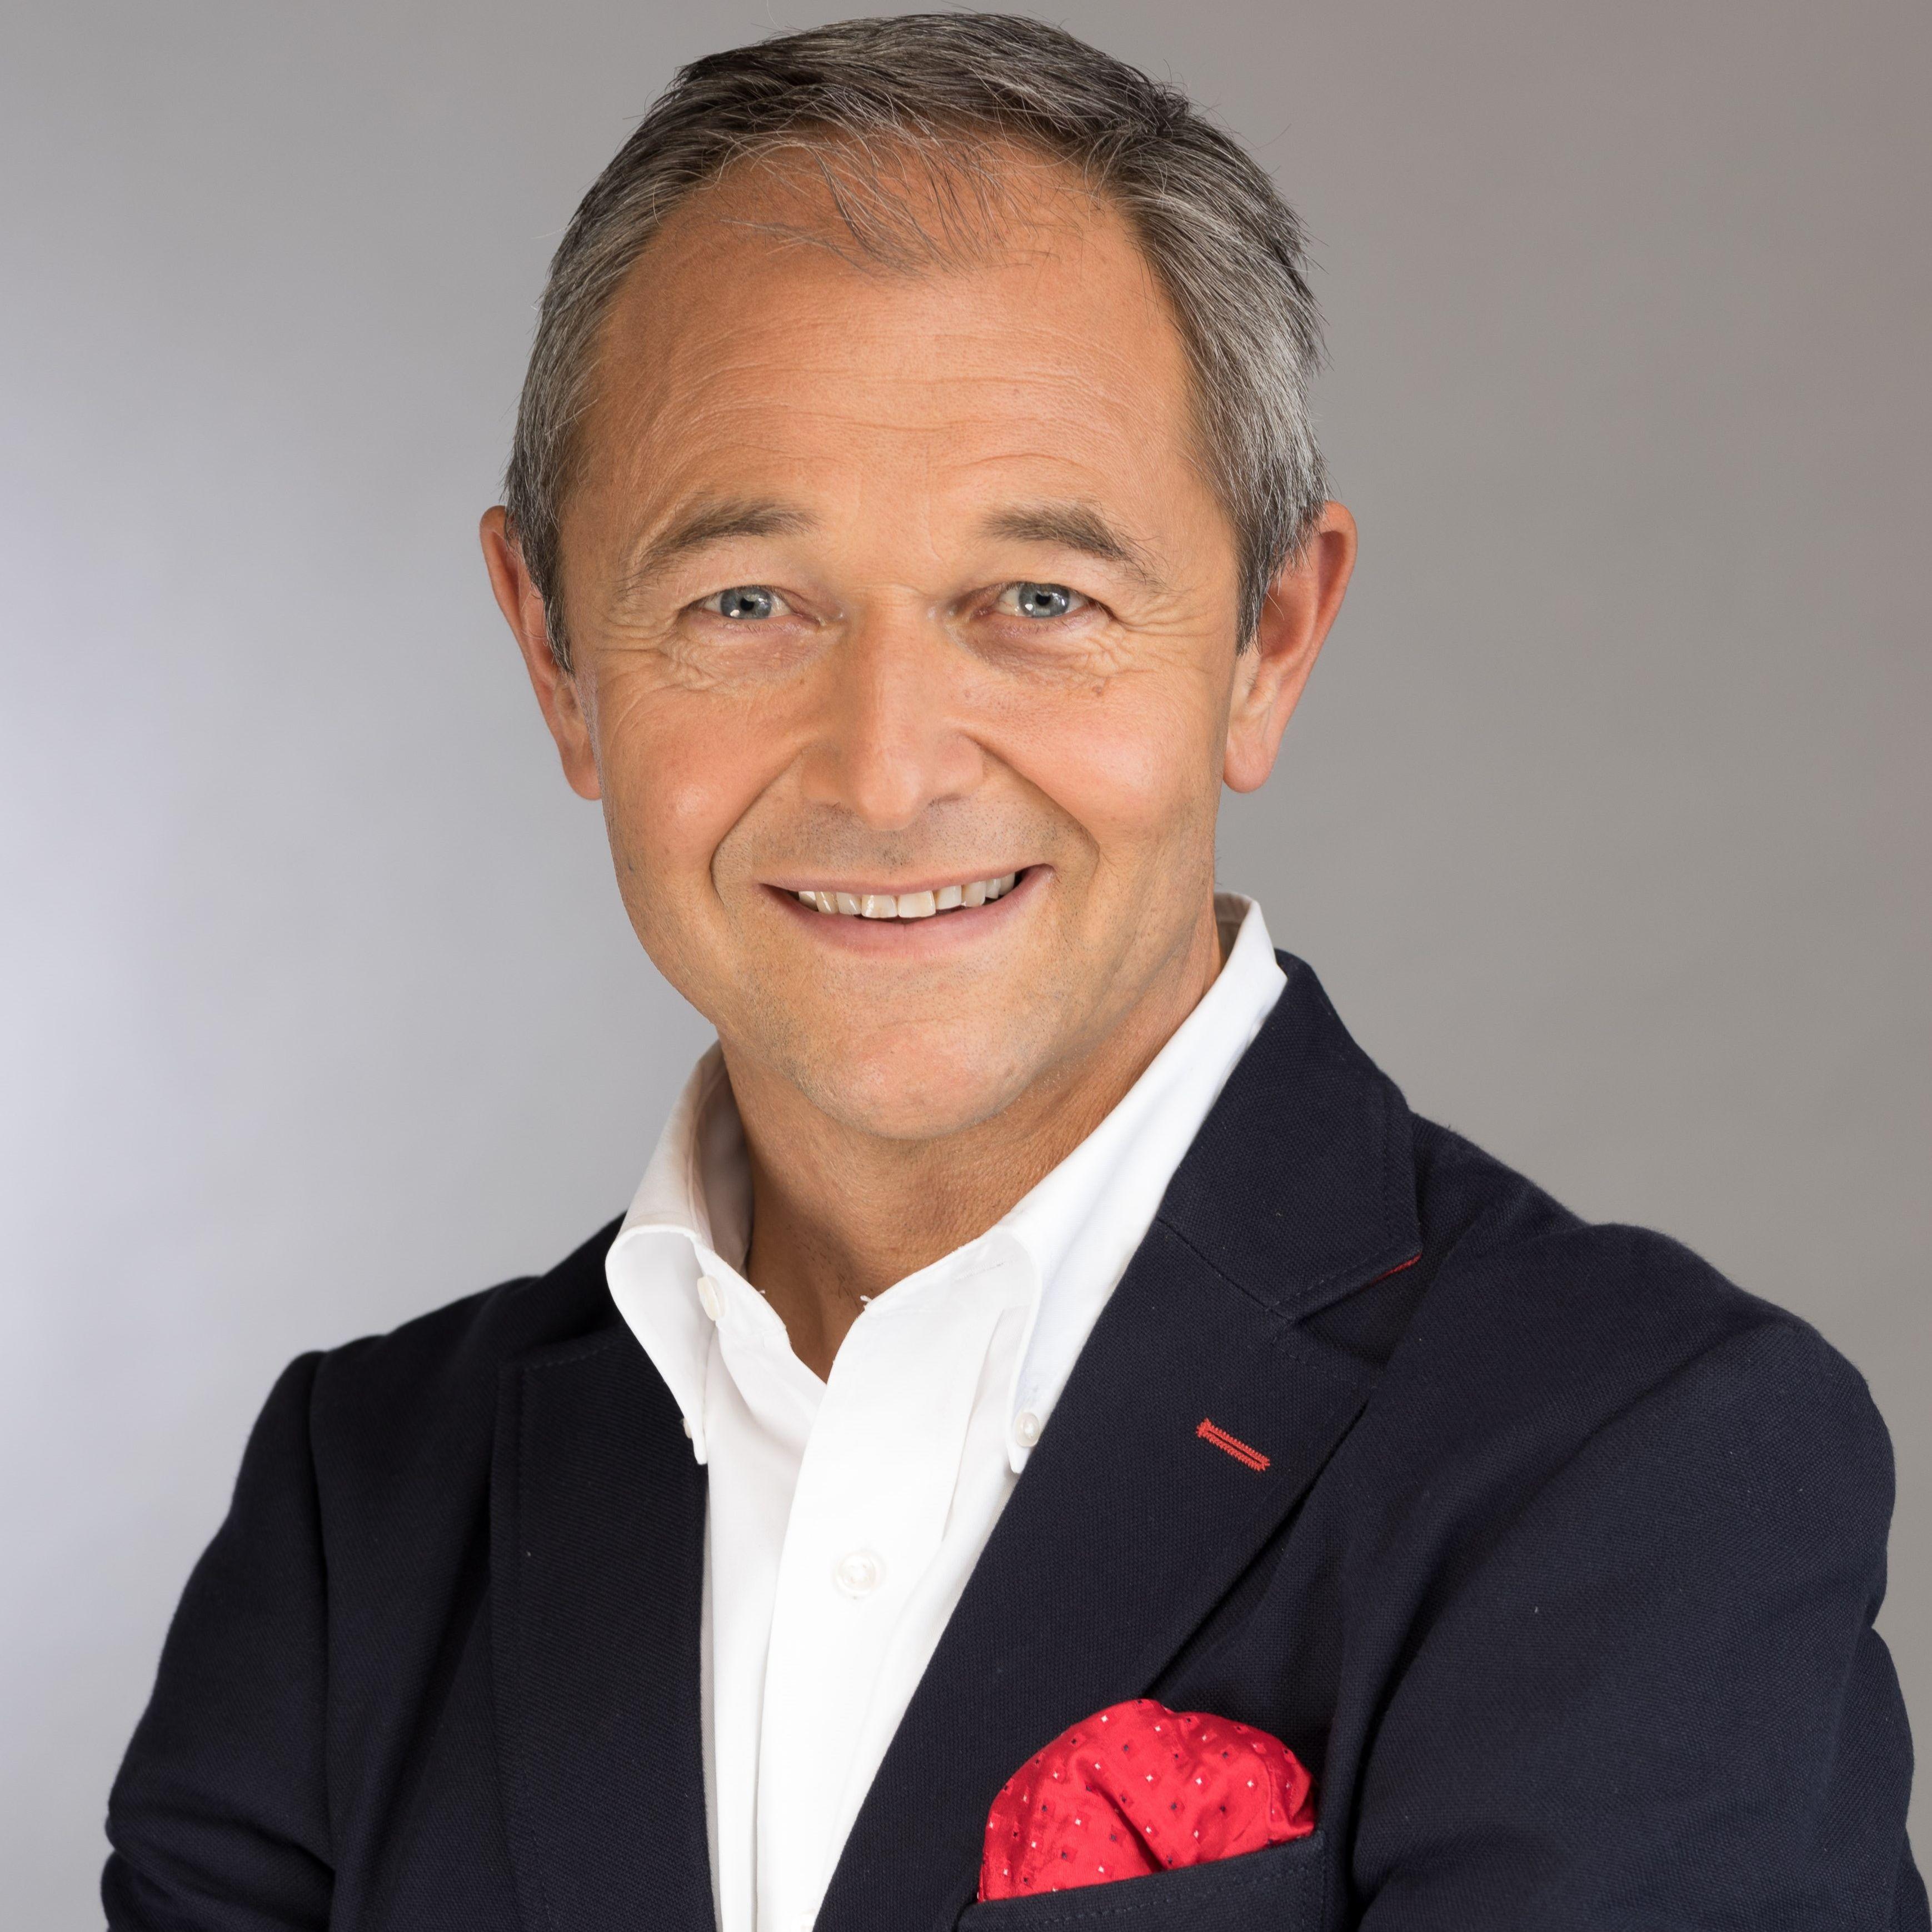 155. Podcast Mužom.sk: Jan Mühlfeit - globálny stratég, kouč a autor